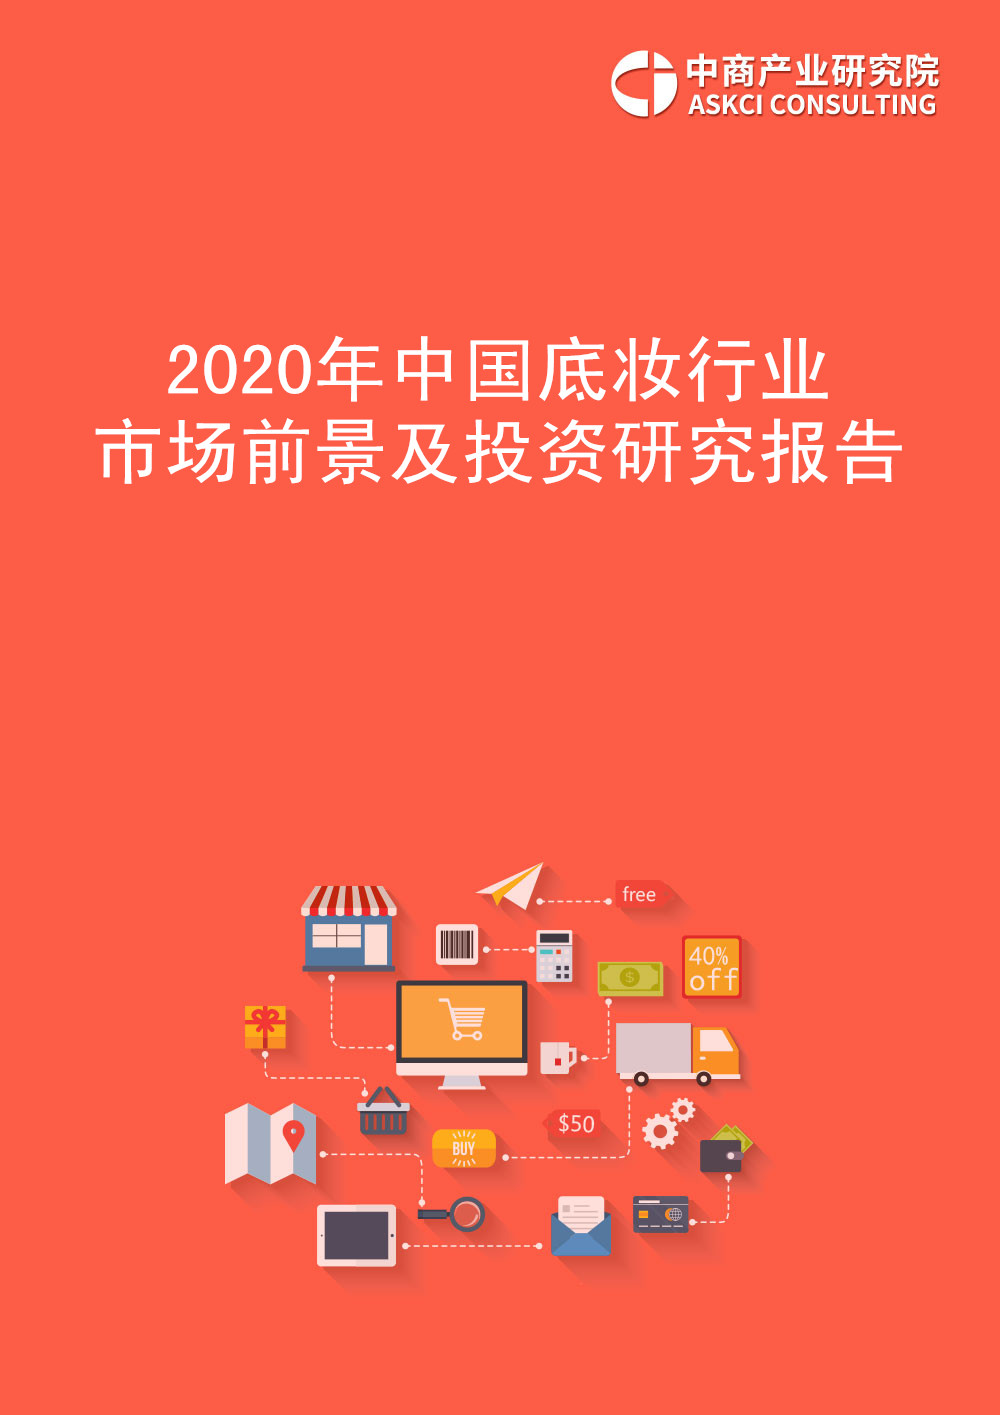 2020年中國底妝行業市場前景及投資研究報告